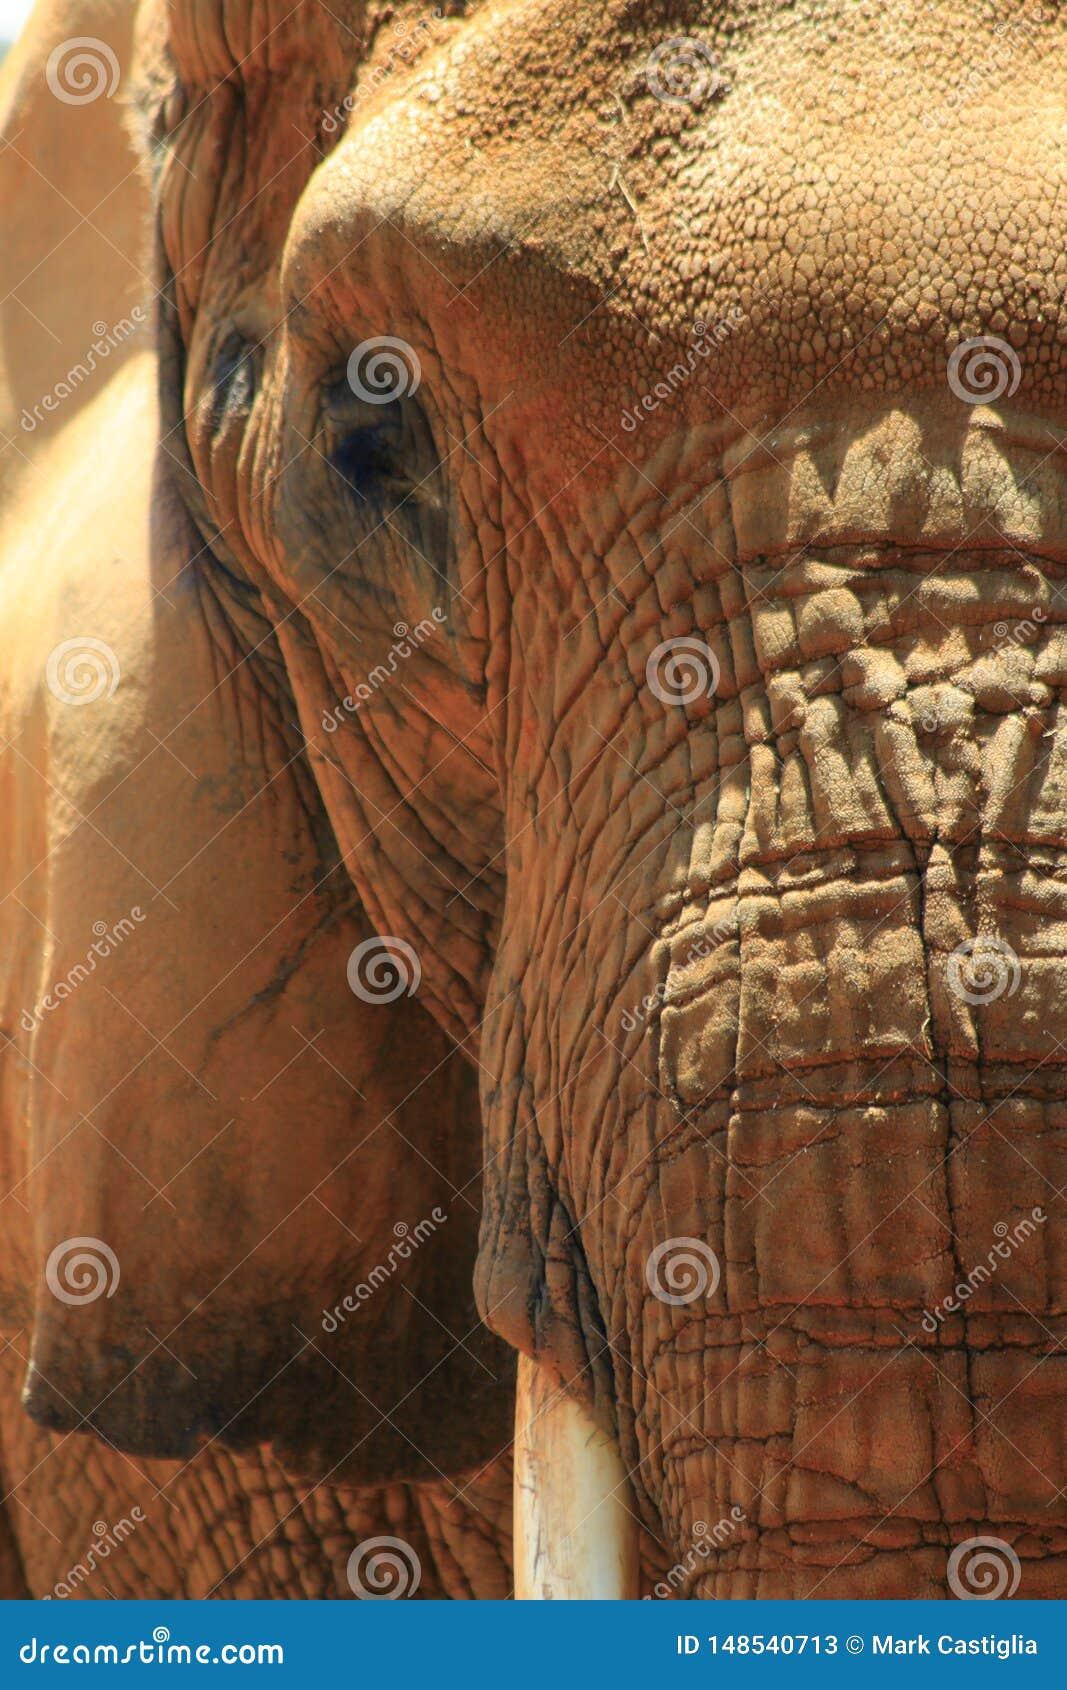 Закройте вверх стороны африканского слона в солнечном свете